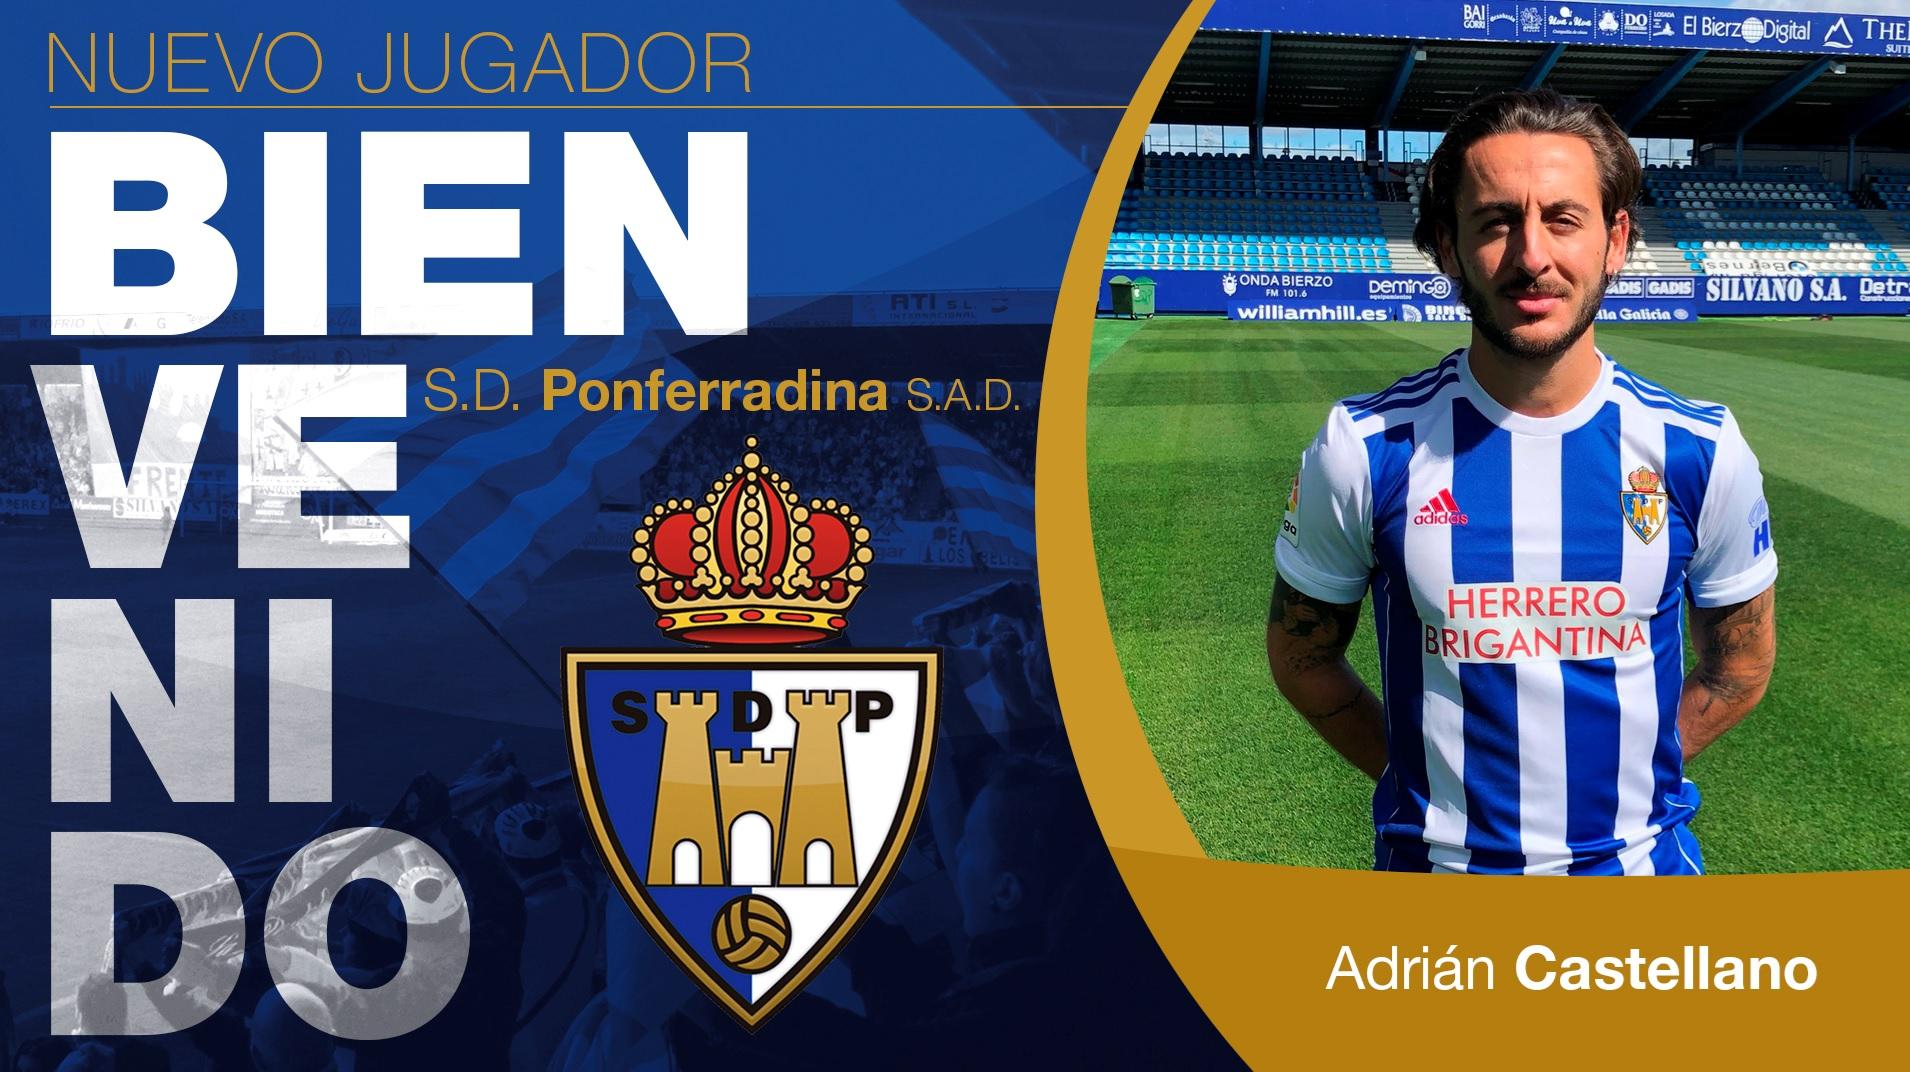 La SD Ponferradina incorpora a Adrián Castellano 1